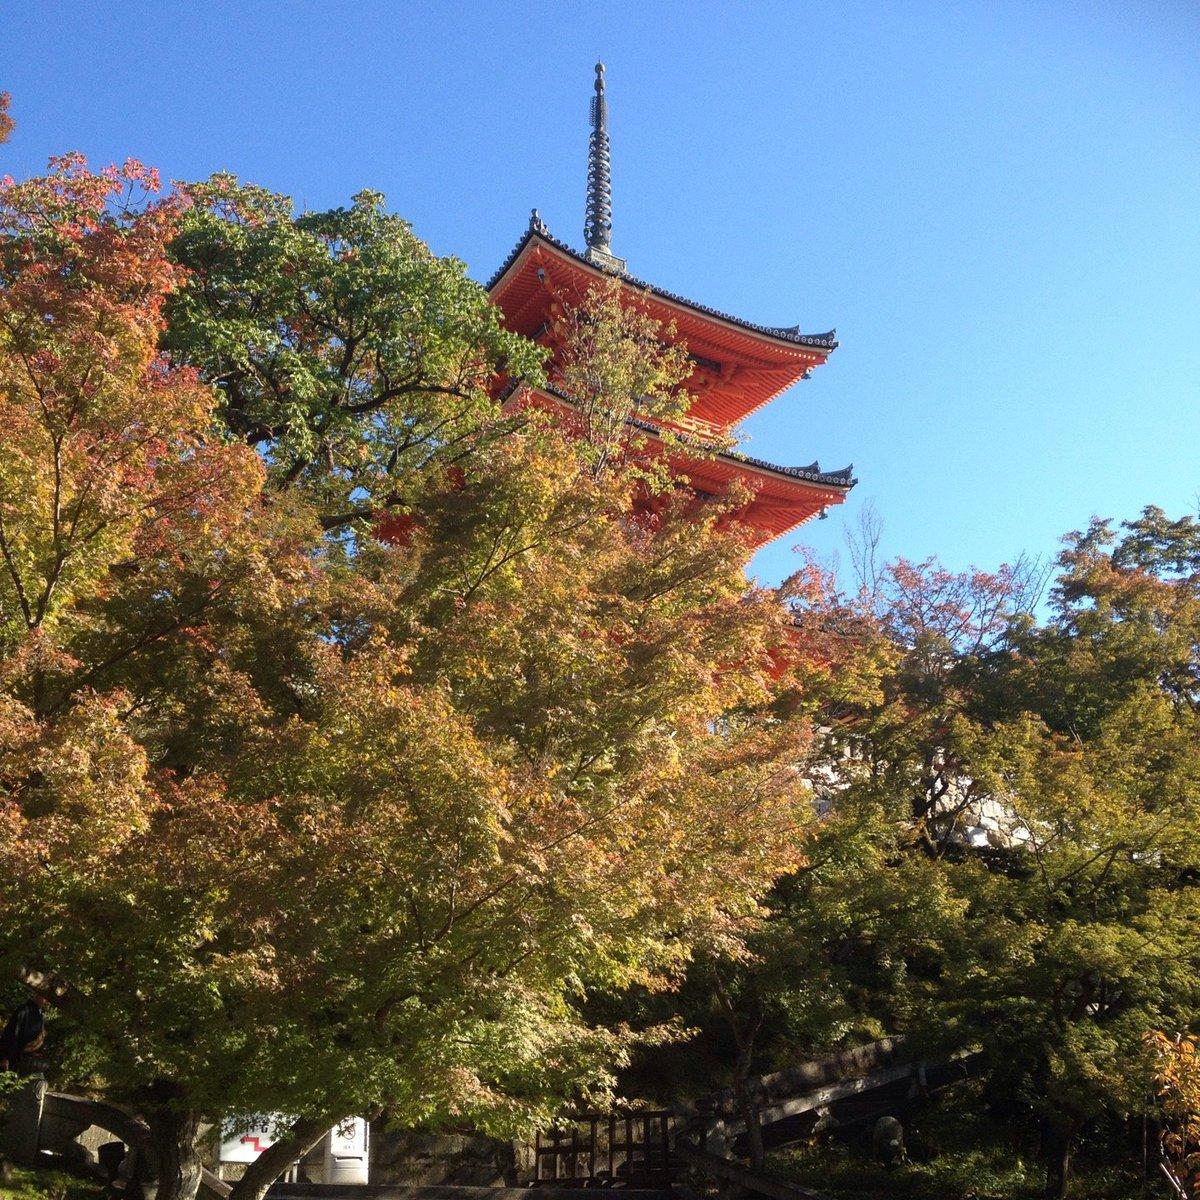 清水寺 放生池からの三重塔